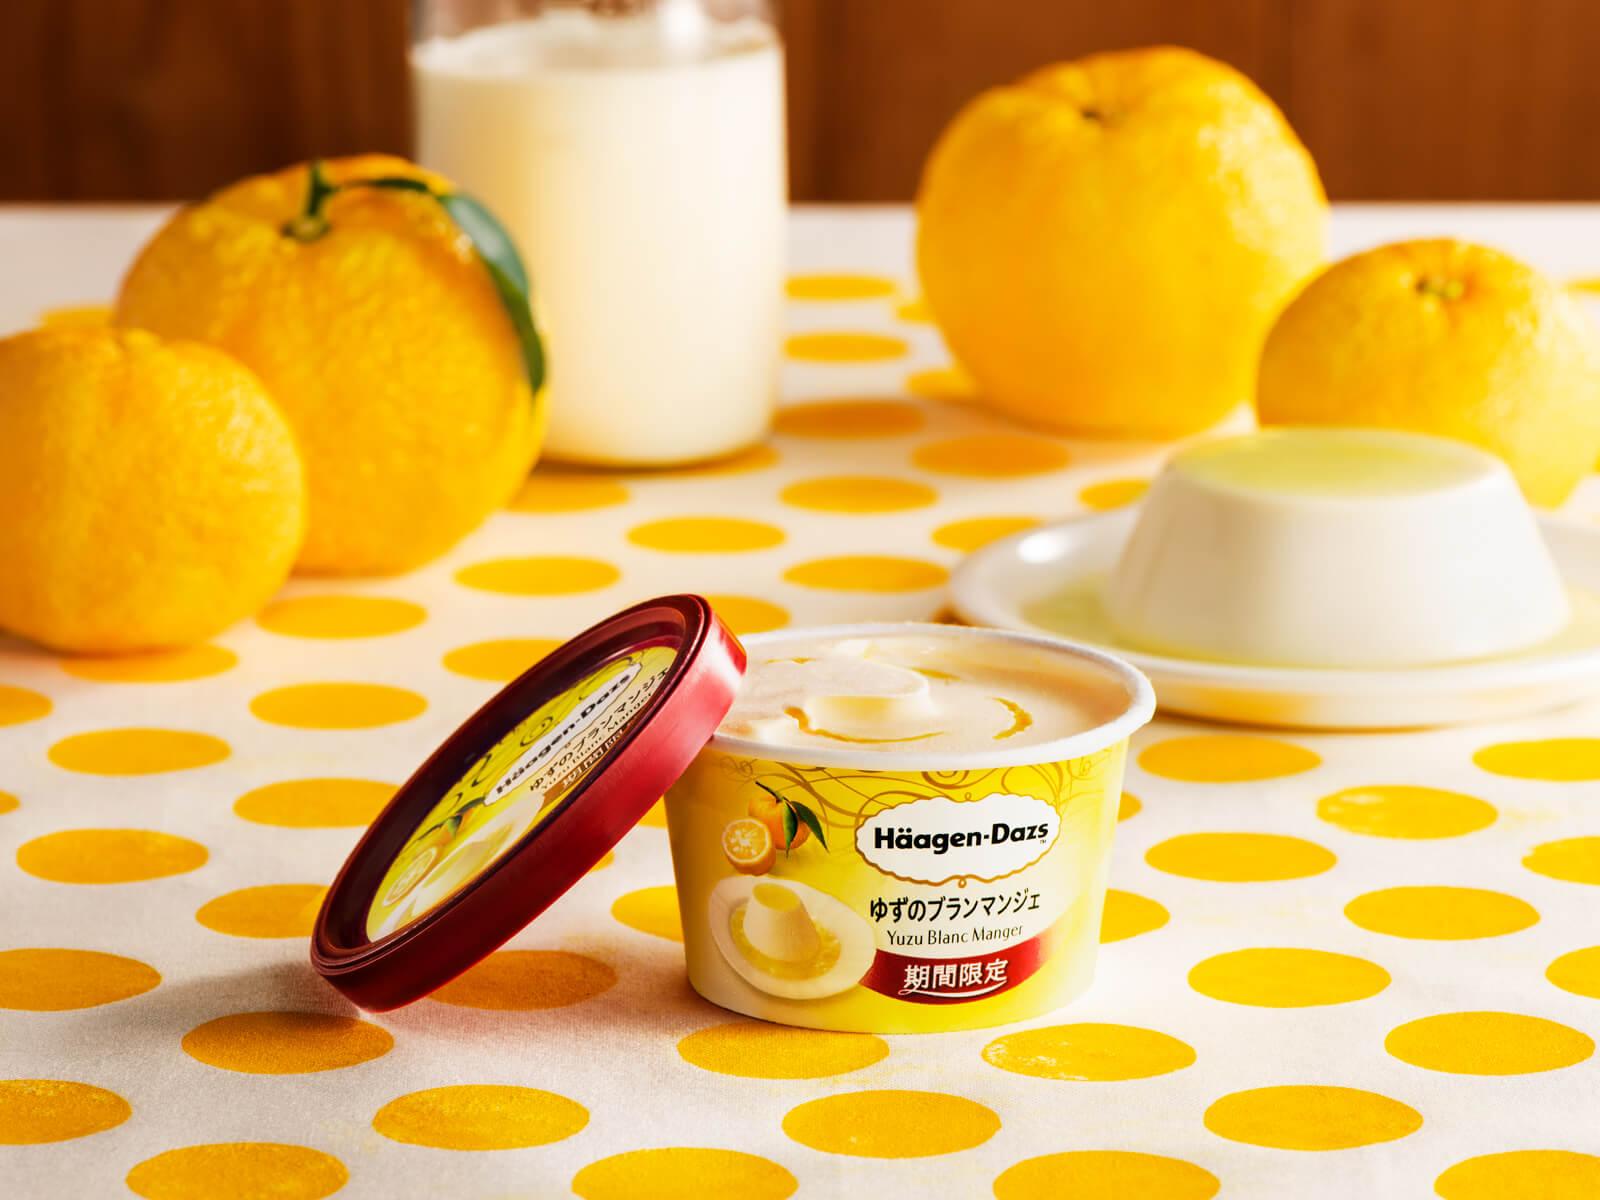 ハーゲンダッツ ゆず Haagen dazs スイーツ sweets citron